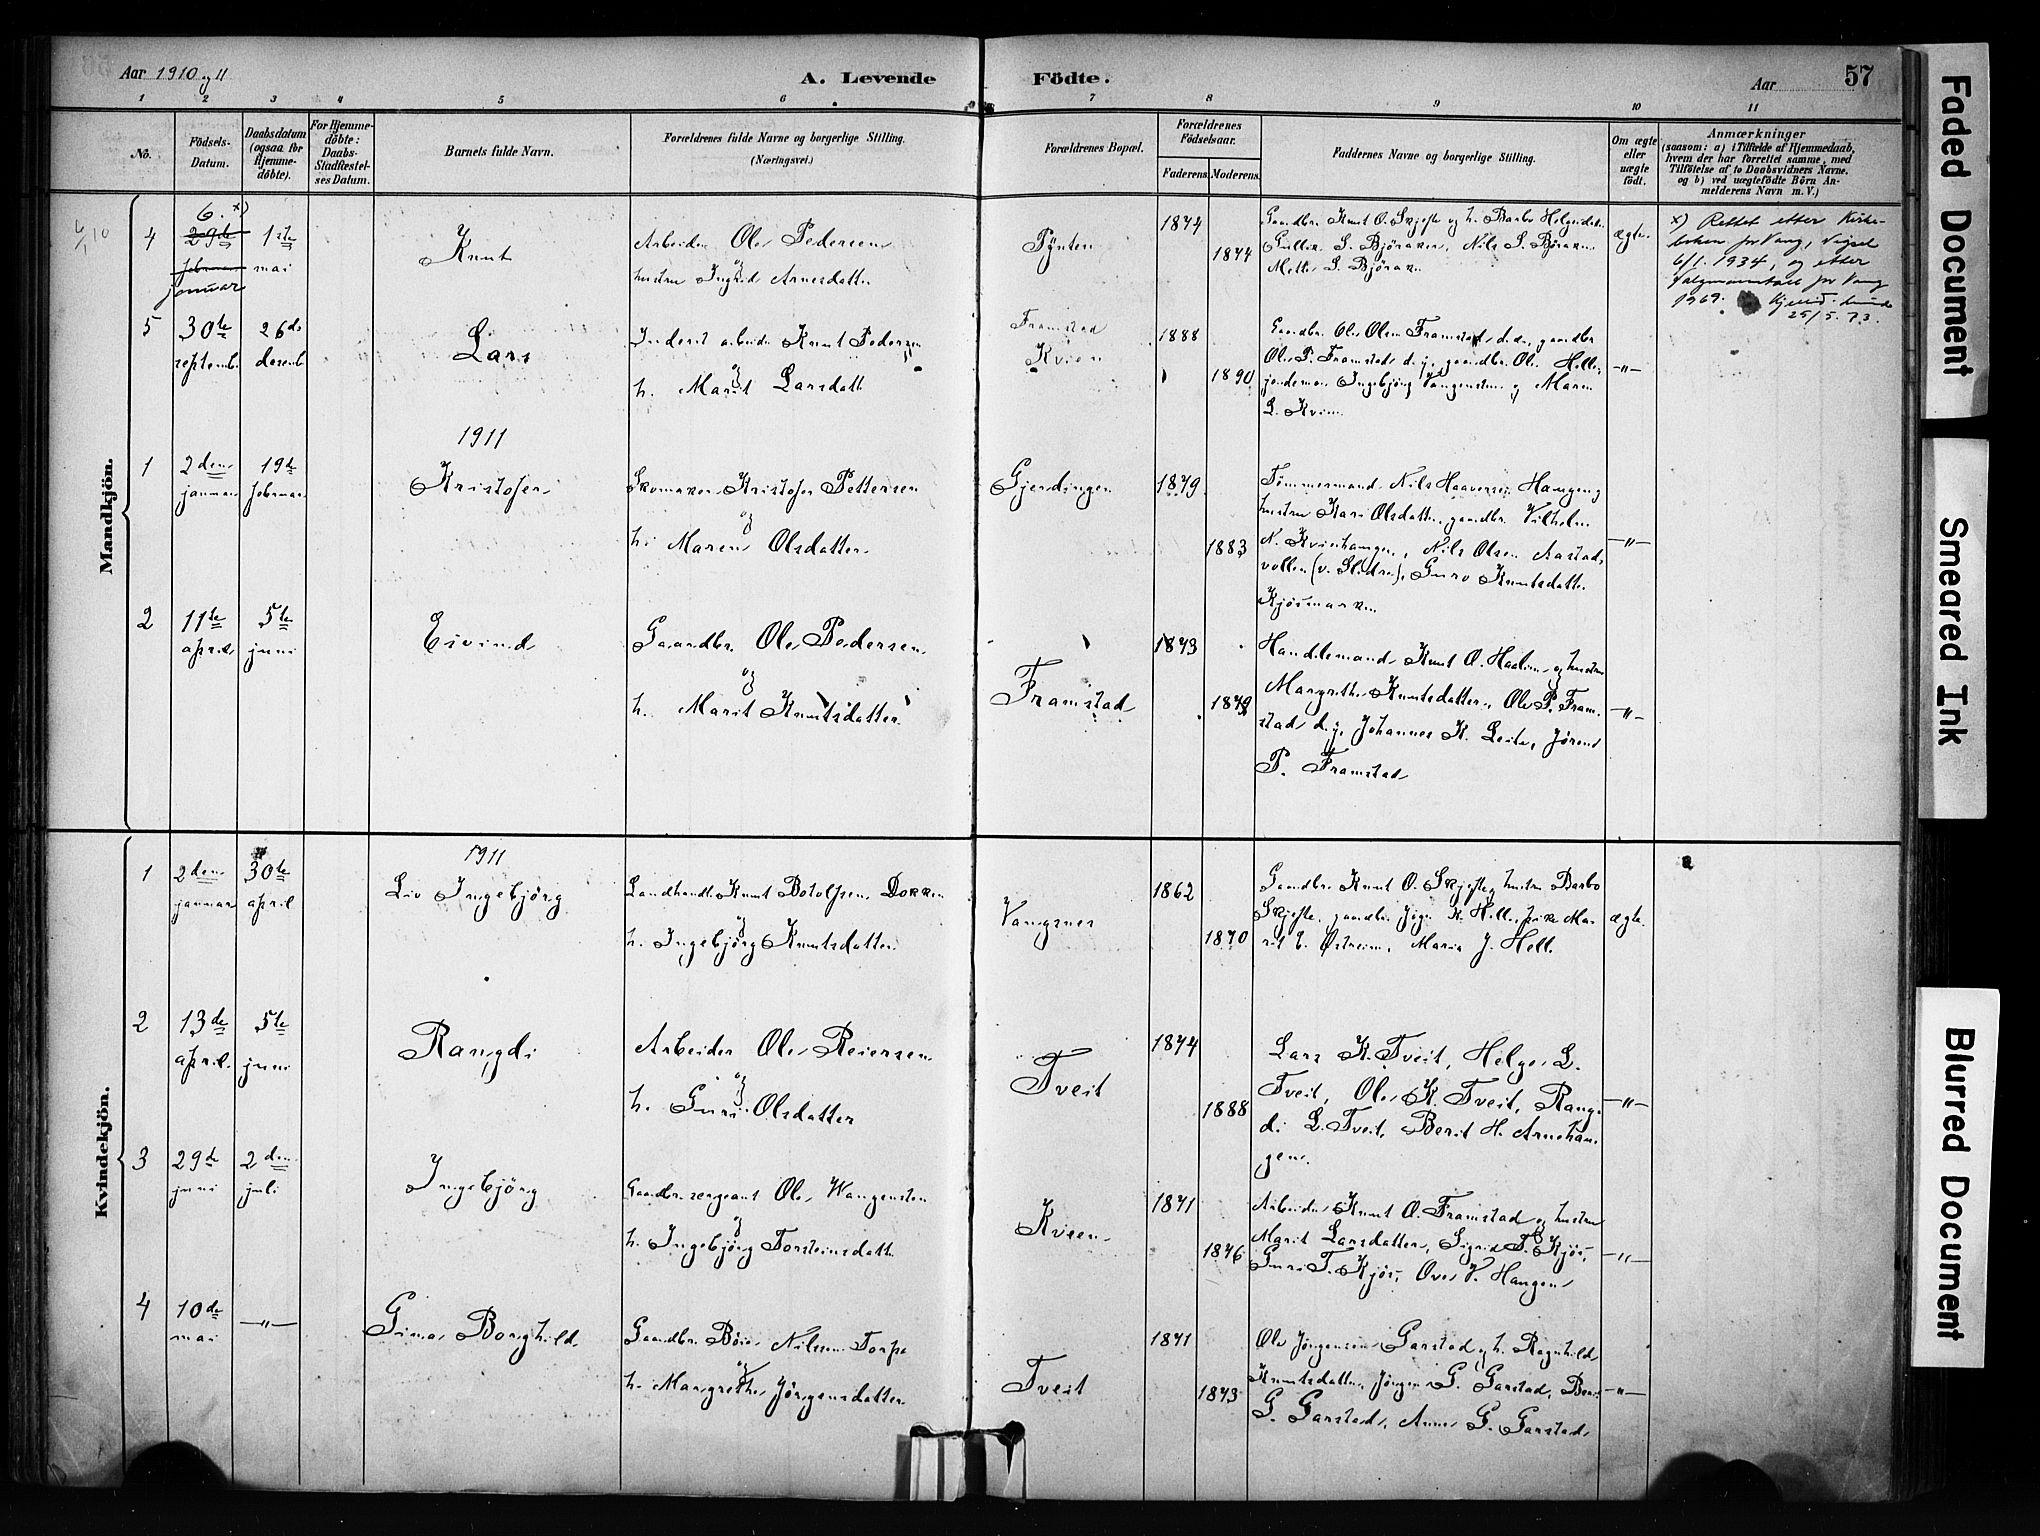 SAH, Vang prestekontor, Valdres, Ministerialbok nr. 9, 1882-1914, s. 57